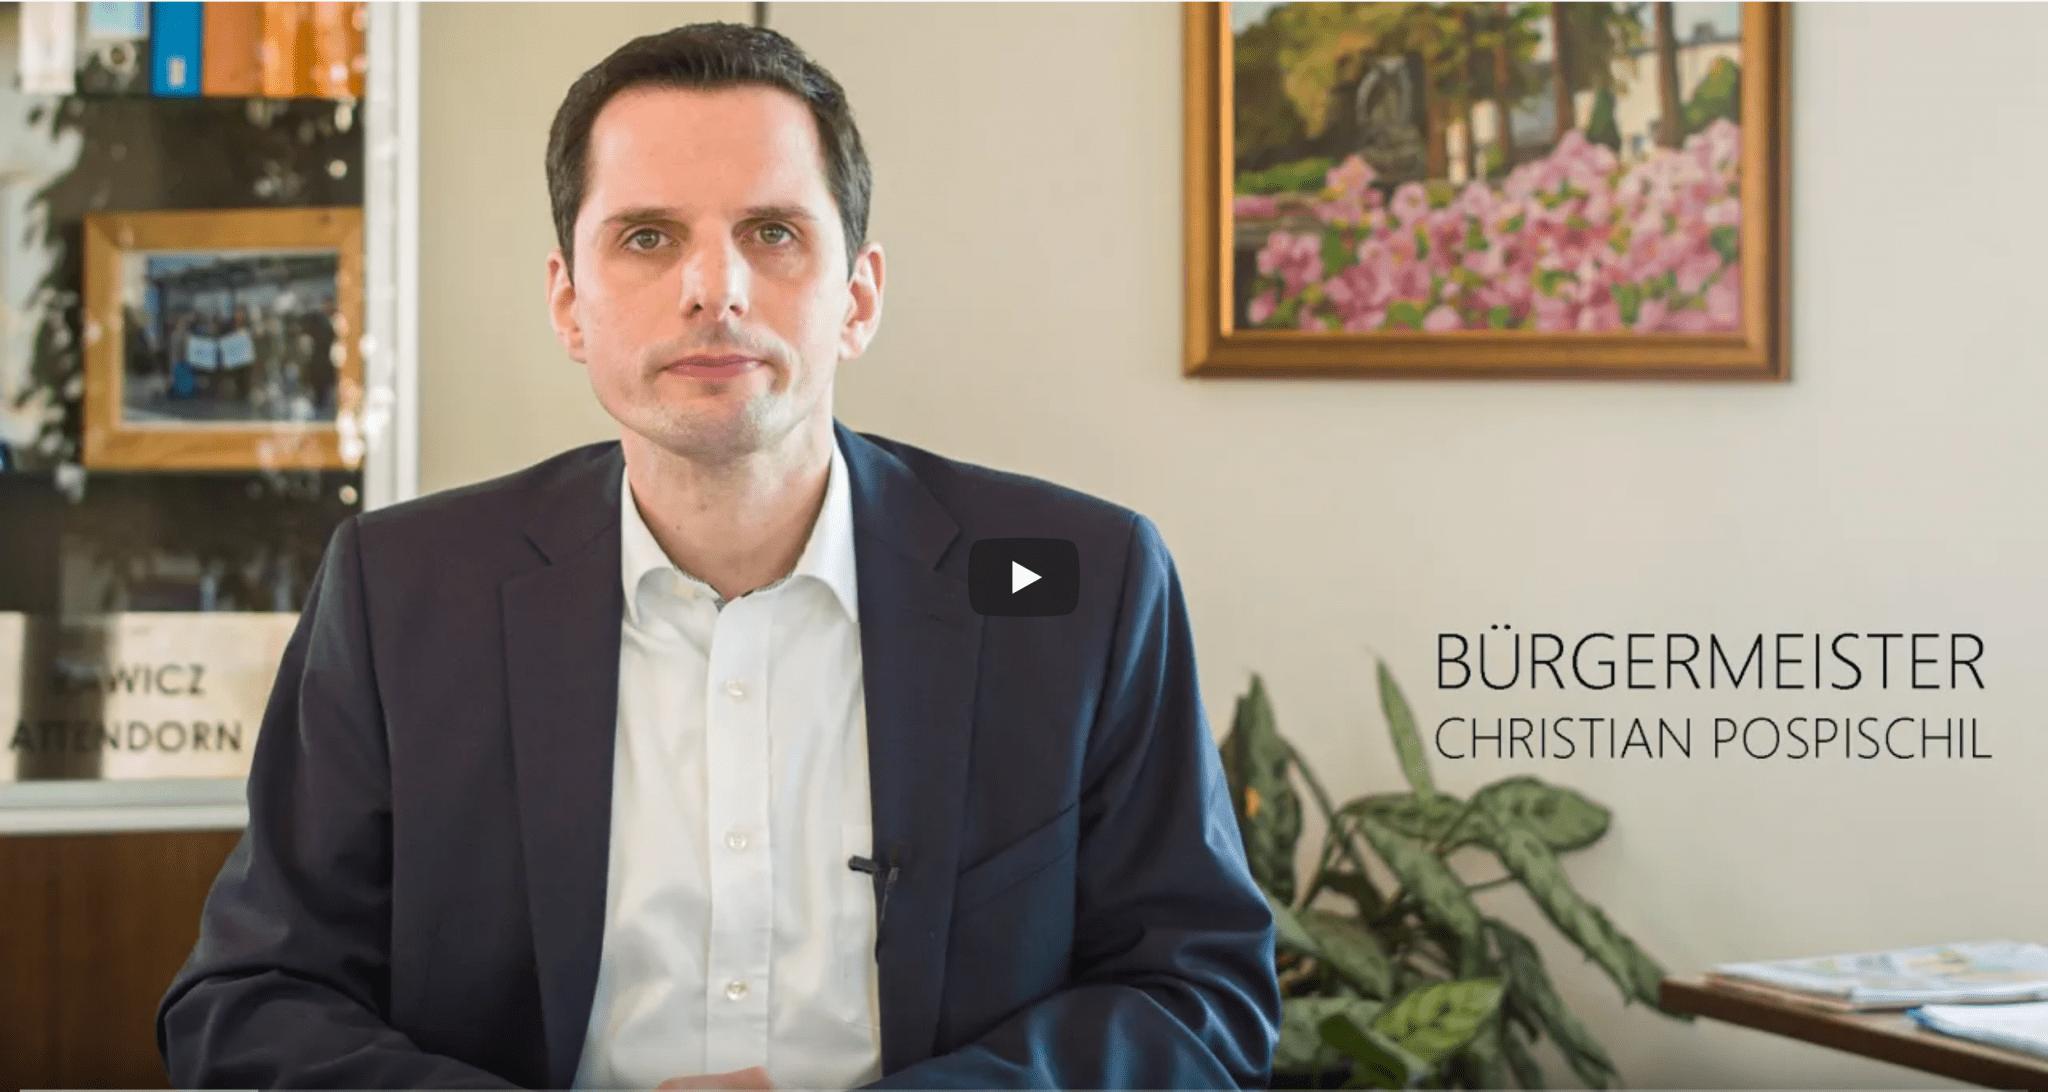 Corona-Krise 19-03-2020 - Bürgermeister Christian Pospischil -Attendorn